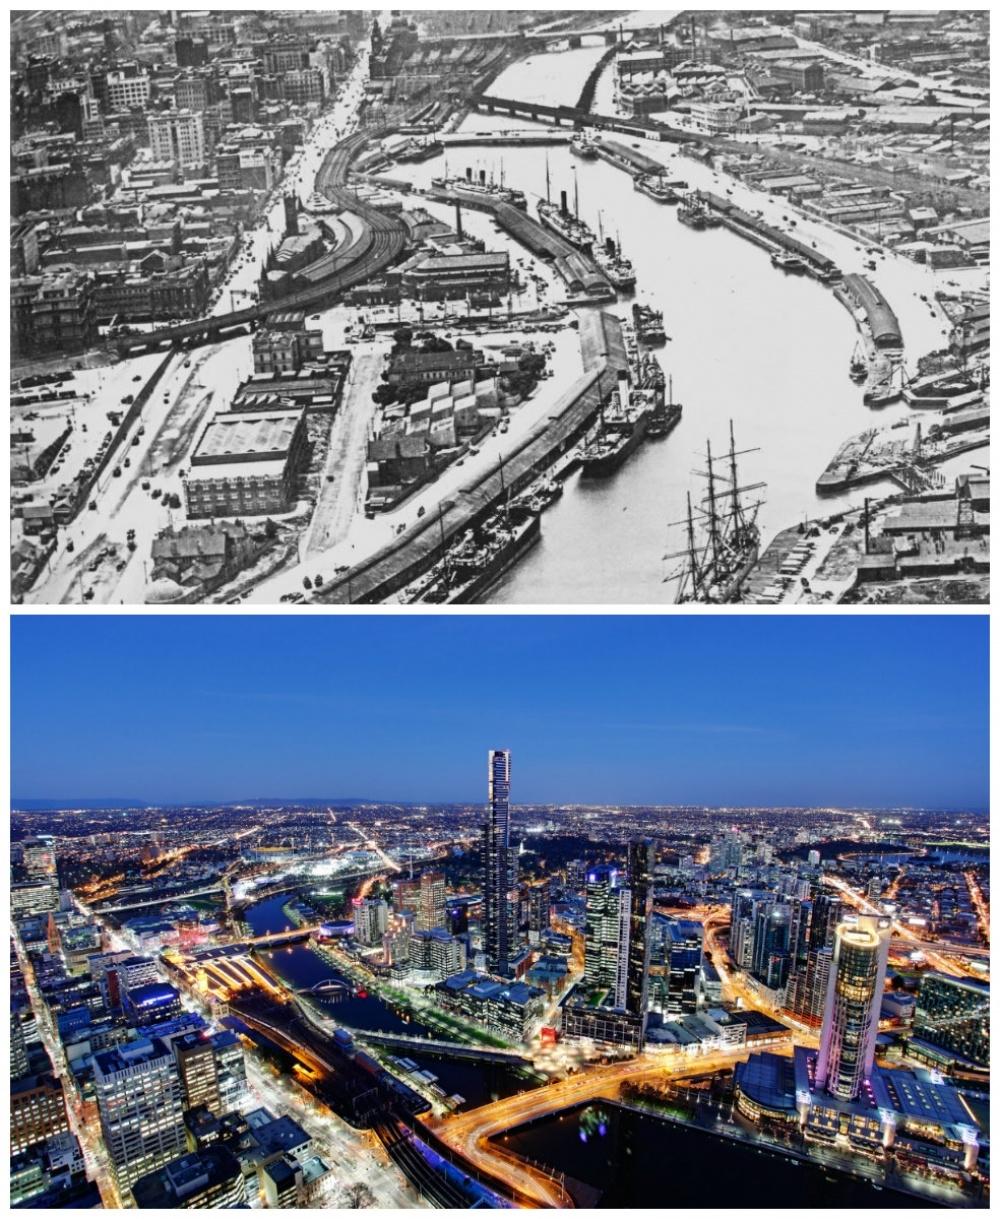 Yıllar İçinde Tanınmayacak Biçimde Değişen 10 Şehir galerisi resim 8